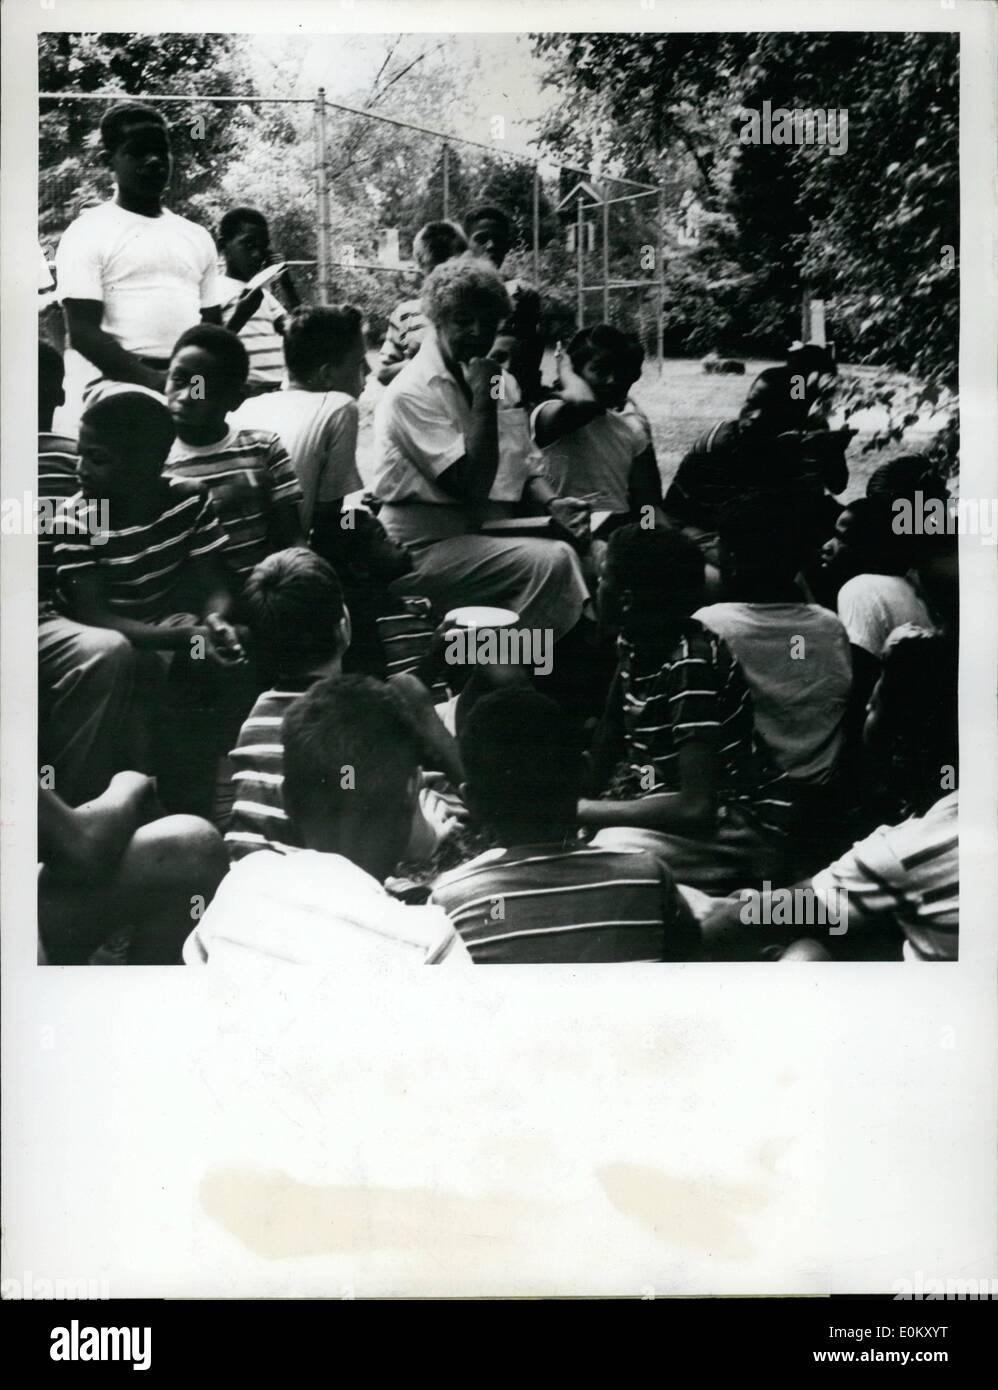 Agosto 08, 1952 - Sig.ra Idrflays rost per bambini Hyde park, n.y Sig.ra Franklin Roosevelt D.r unisce la linea al 9° Wilton scuola per ragazzi pranzo picnic che è la metà a recuperato carati. La signora Roosevelt di letture per i ragazzi le loro storie preferite. Quest anno i ragazzi leggere da Kinling's Jungle indietro. a portata di mano per assistere la Signora Roosevelt furono i suoi nipoti. Immagini Stock